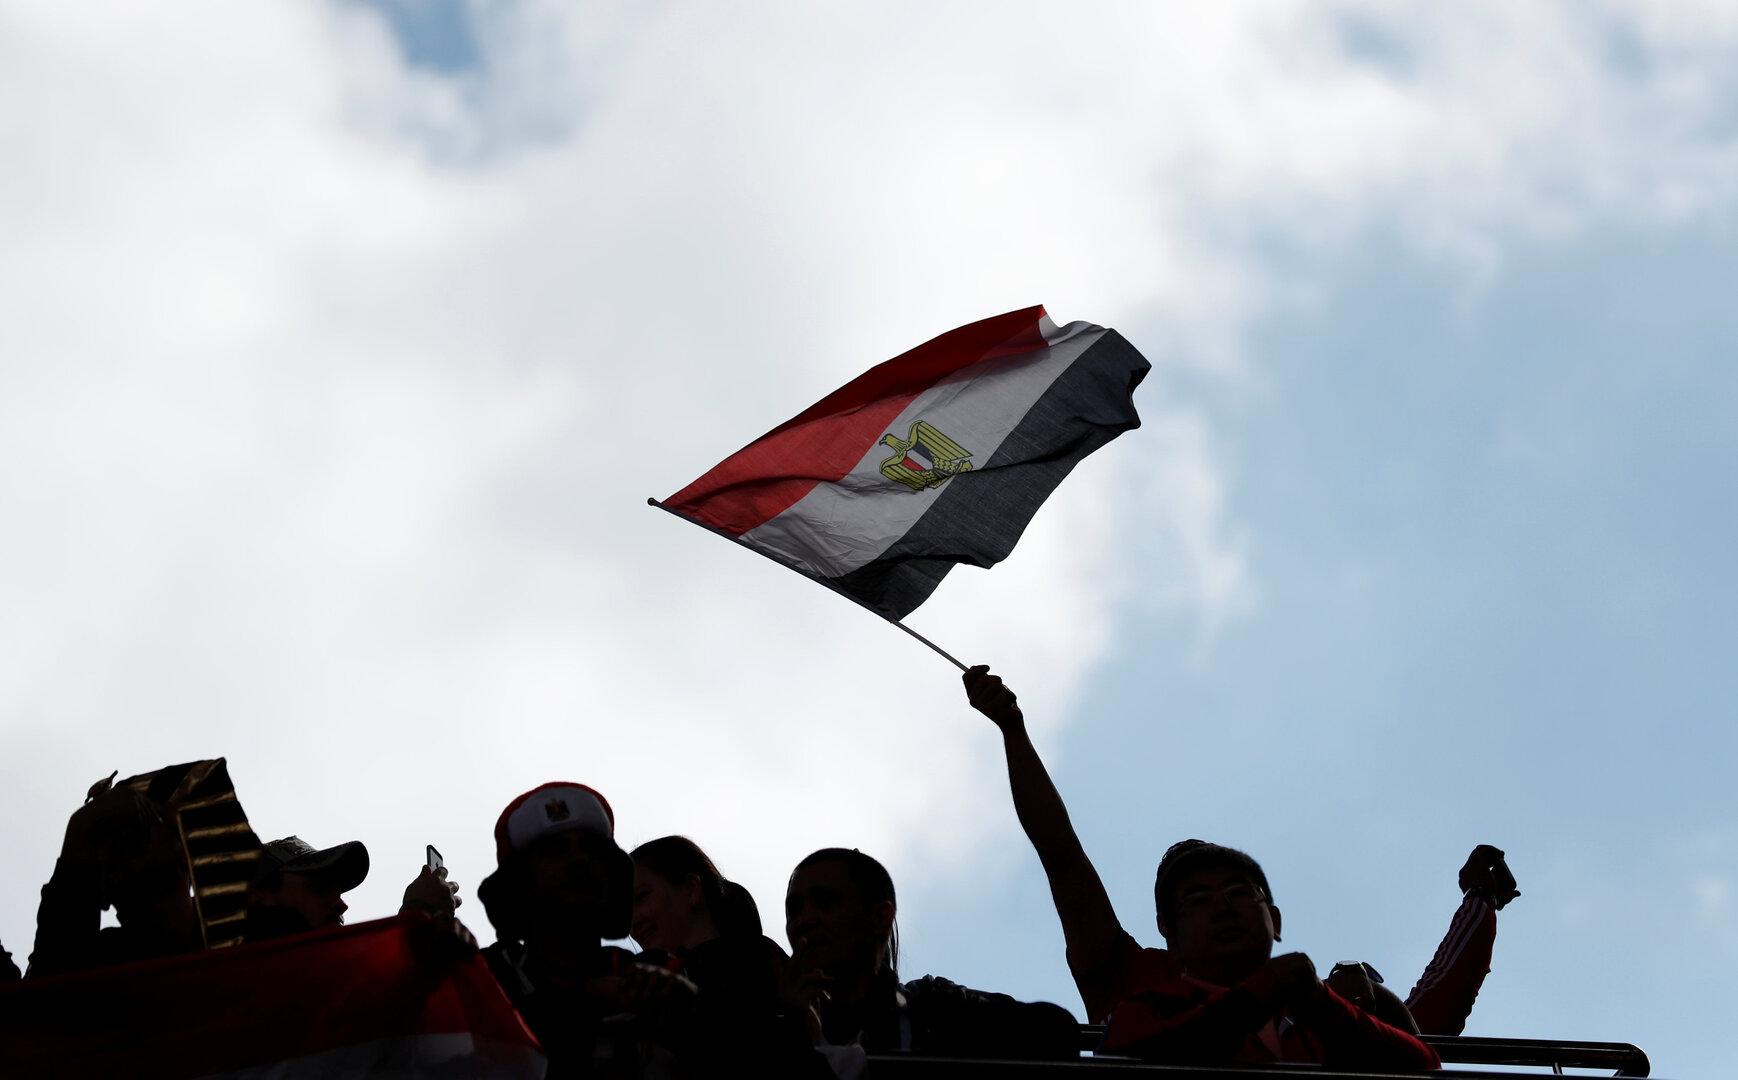 مصر.. وفاة صحفي بارز بفيروس كورونا بعد أيام من إخلاء سبيله (صورة)